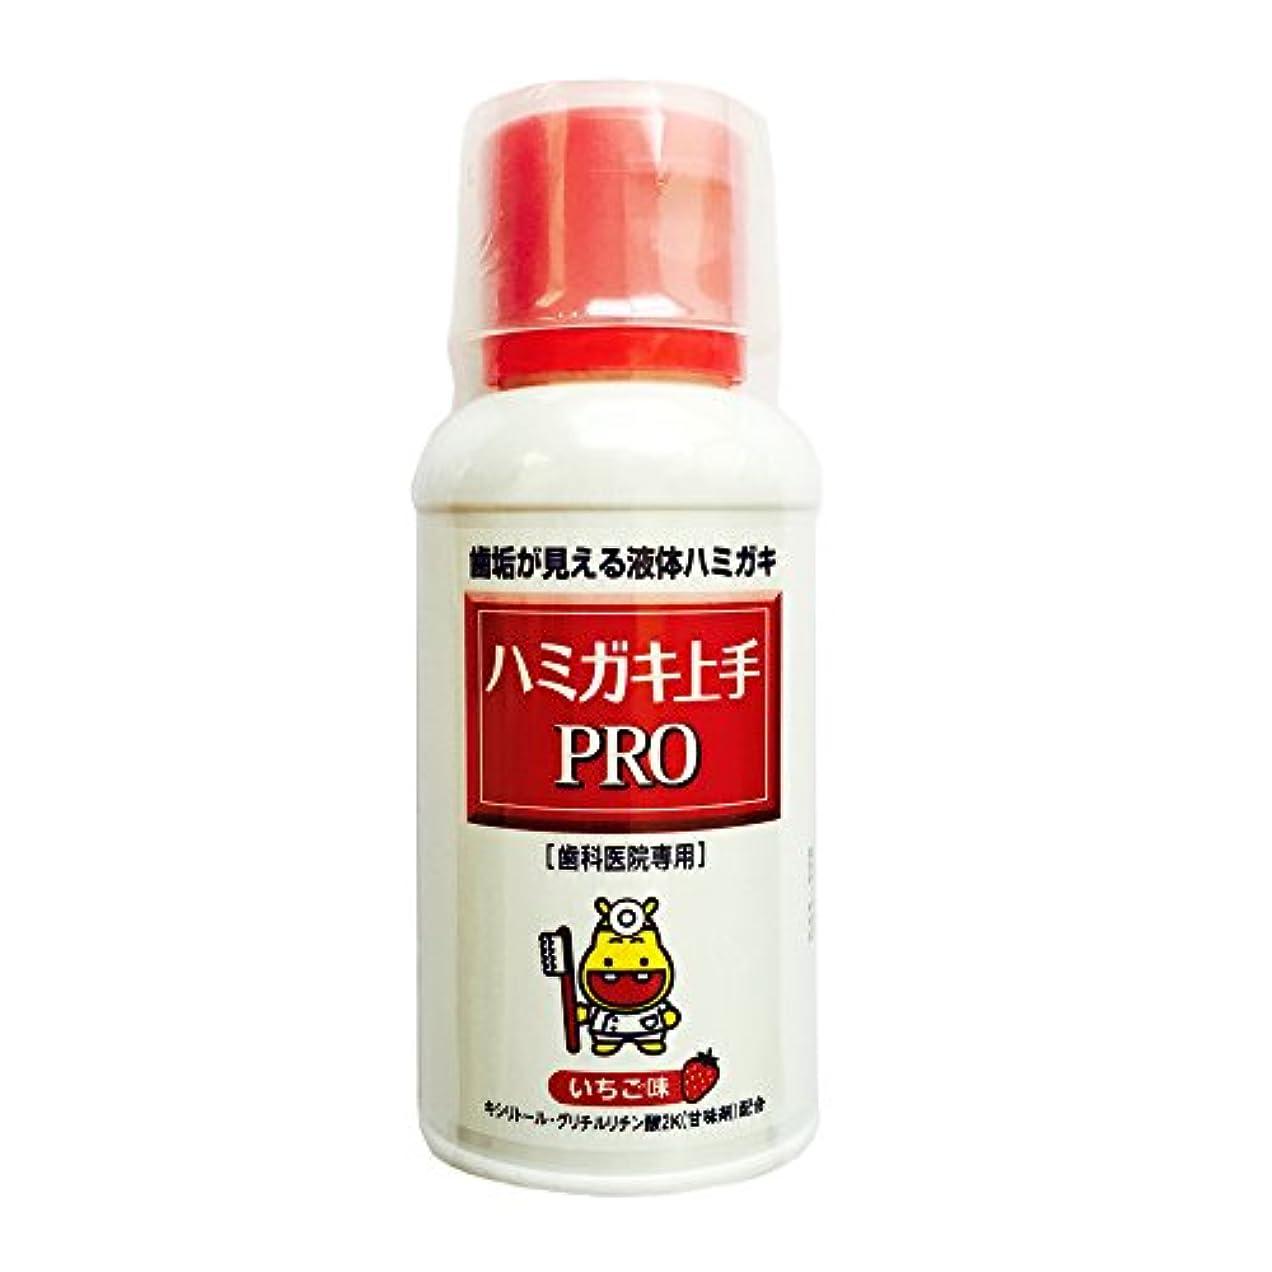 わなアウター薄汚い松風 ハミガキ上手PRO いちご味 69ml 1本